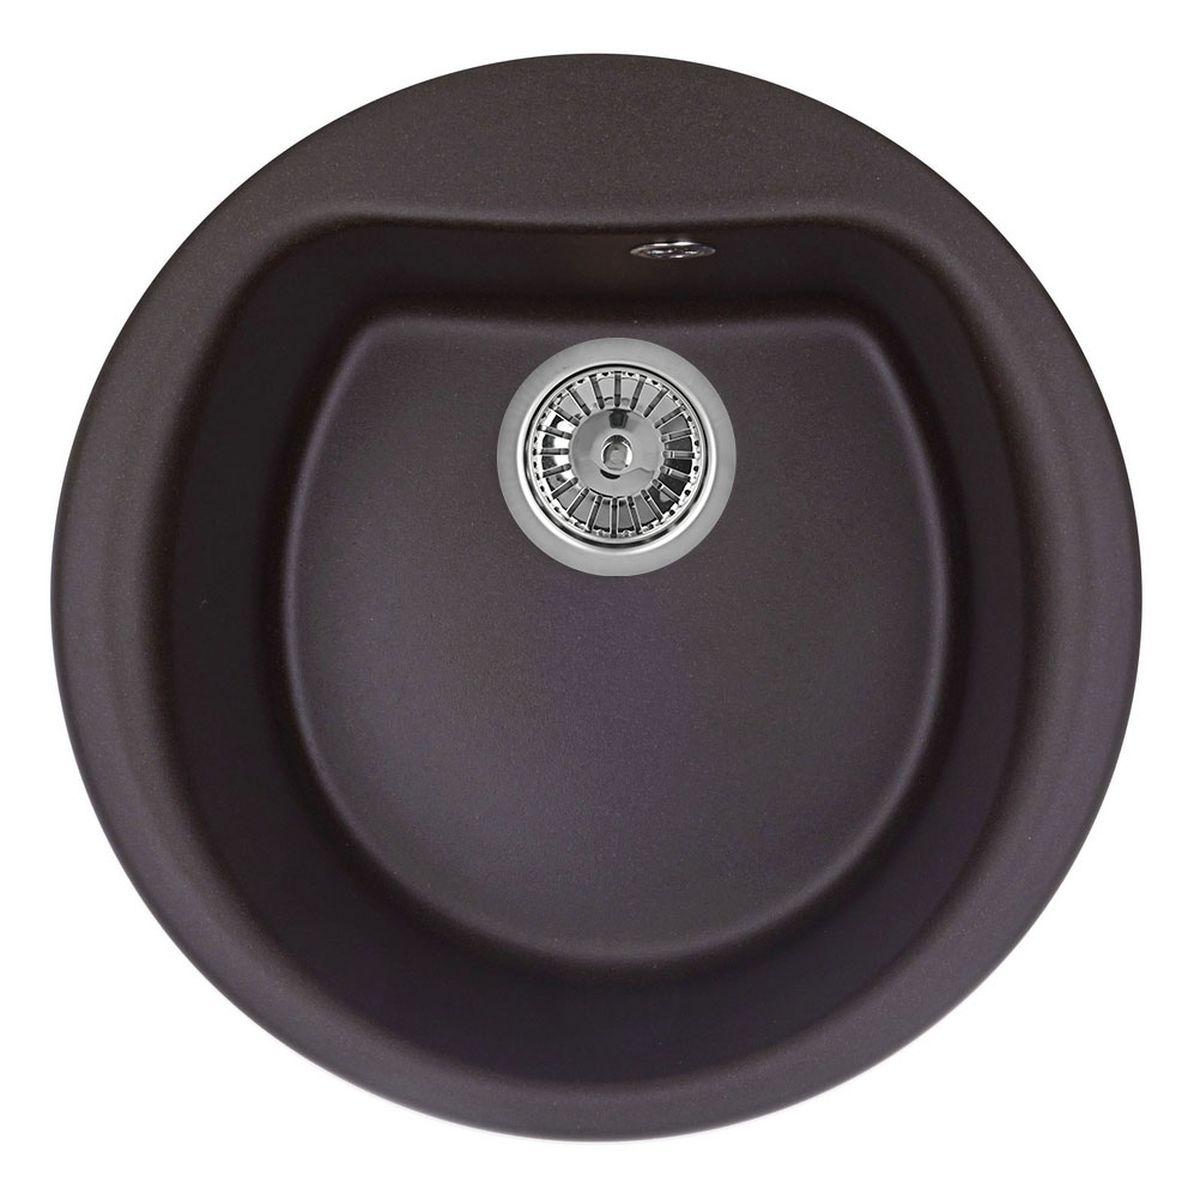 Мойка Weissgauff Rondo 500 Eco Granit, цвет: шоколад, 50,0 х 20,5 х 50,0 см306321Гранитные мойки Weissgauff Eco Granit – классическая коллекция моек, изготовленных из специально подобранных композитных материалов , содержащих оптимальное сочетание 80% каменной массы высокого качества и 20% связующих материалов. Оригинальный и функциональный дизайн - технология изготовления позволяет создавать любые цвета и формы, оптимальные для современных кухонь. Мойки Weissgauff легко подобрать к интерьеру любой кухни, для разных цветов и форм столешниц Влагостойкость - отталкивание влаги – одна из примечательных особенностей моек из искусственного камня за счет связующих композитных материалов, которые продлевают их срок службы и способствуют сохранению первоначального вида Термостойкость - подвергая мойки воздействию высоких температур, например, различными горячими жидкостями, будьте уверенны, что мойки Weissgauff – эталон стойкости и качества, так как они устойчивы к перепаду температур. Специальный состав моек Weisgauff избавляет от проблемы...